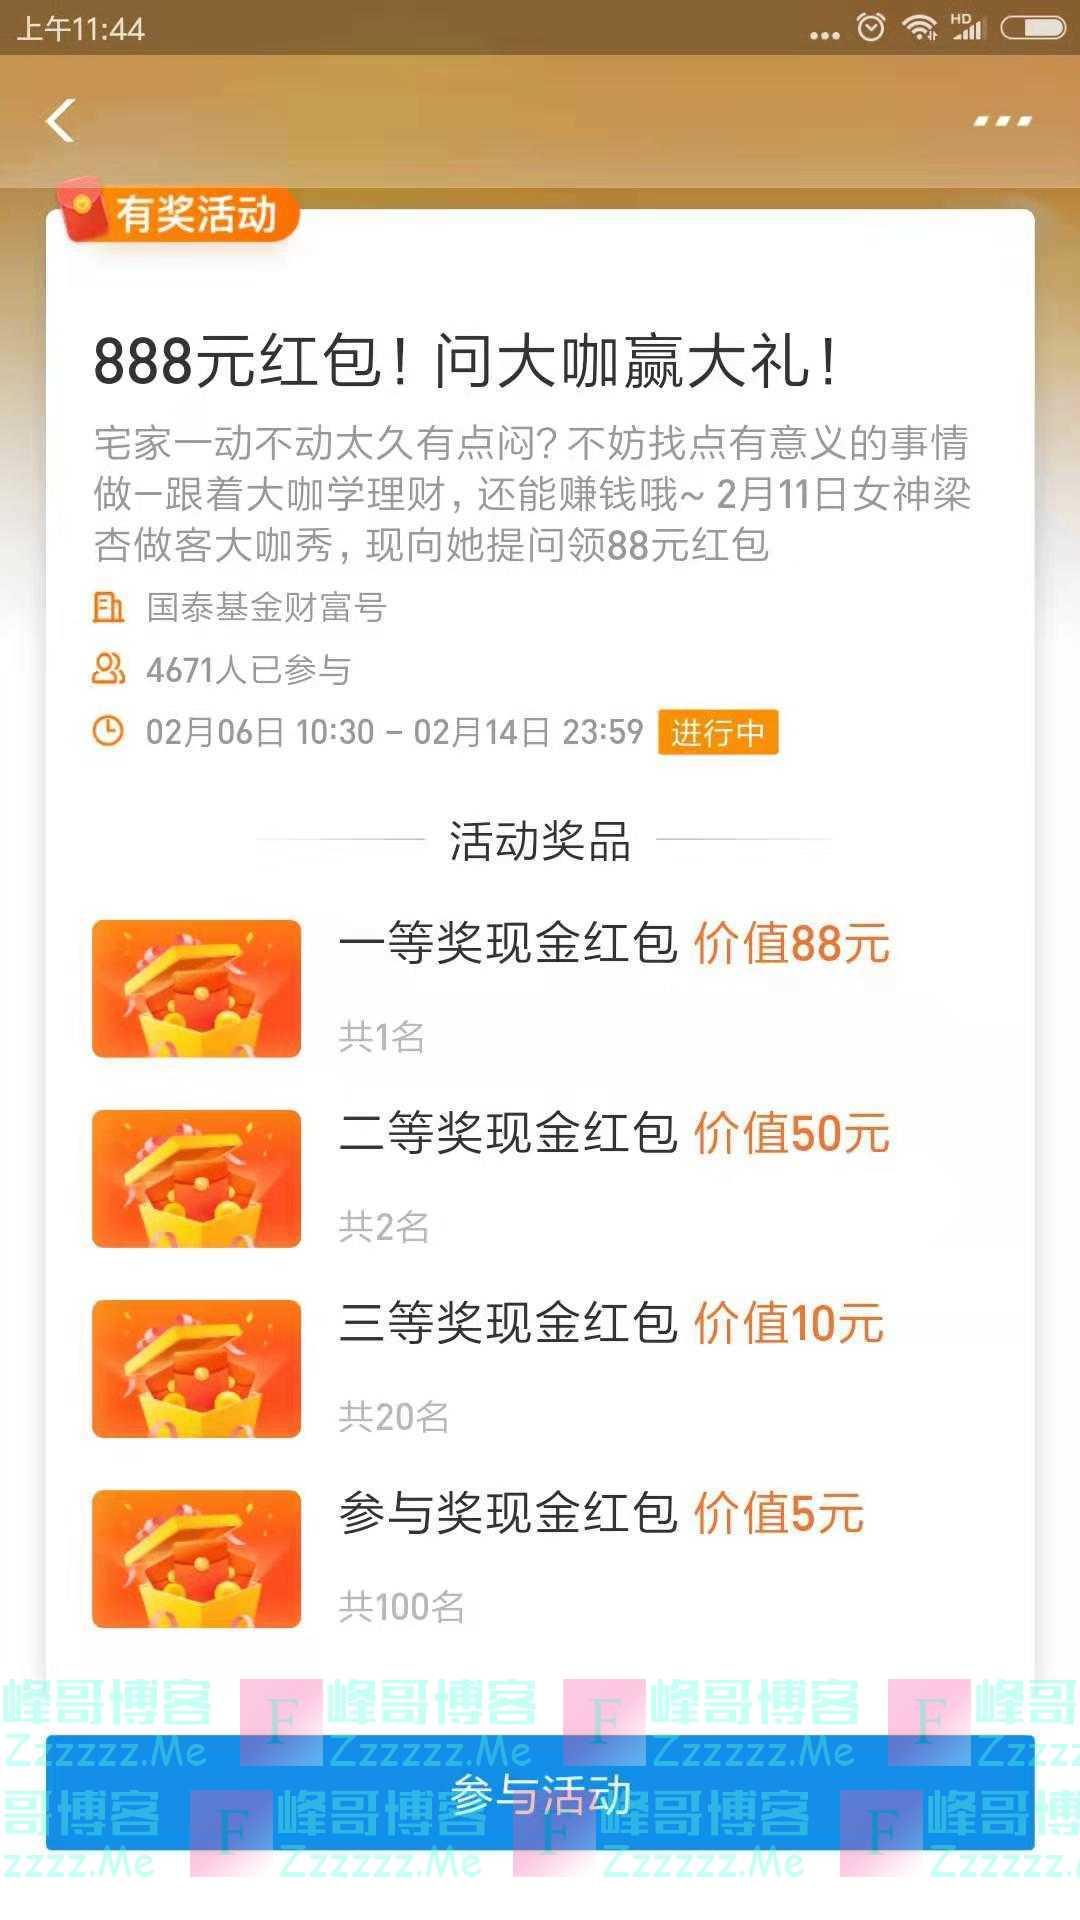 国泰基金888元红包 问大咖赢大礼(截止2月14日)